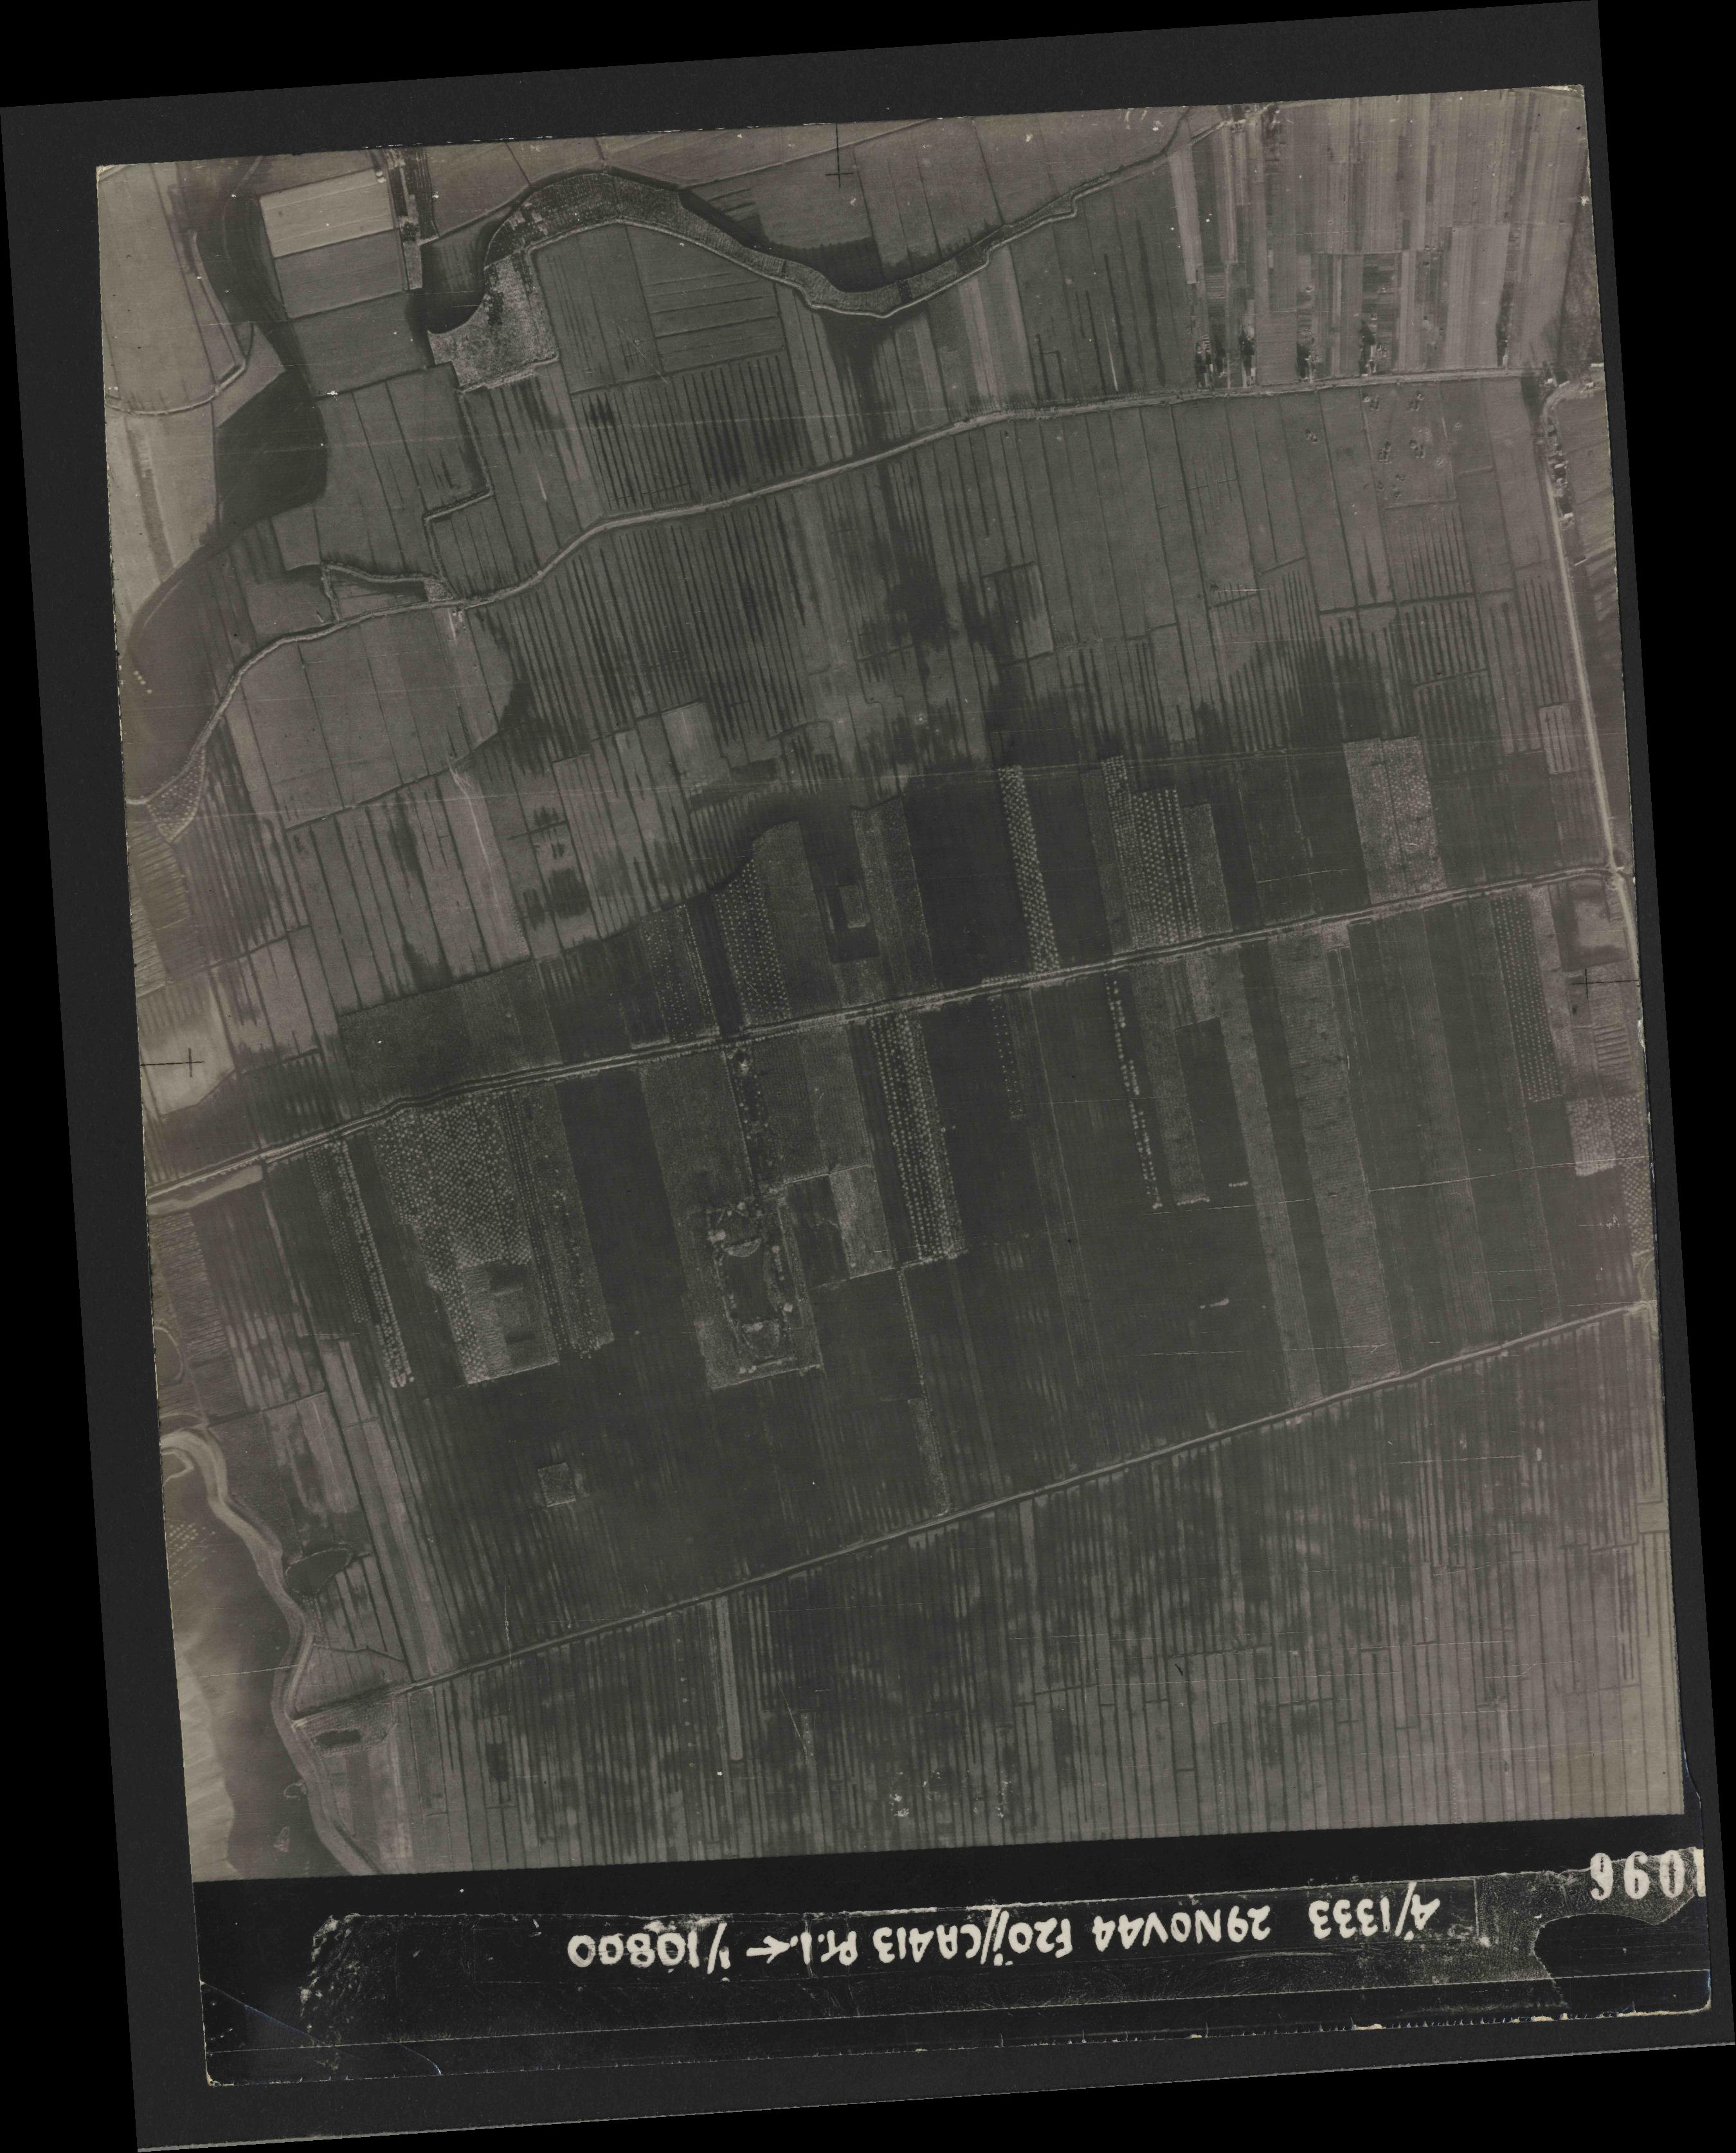 Collection RAF aerial photos 1940-1945 - flight 049, run 06, photo 4096